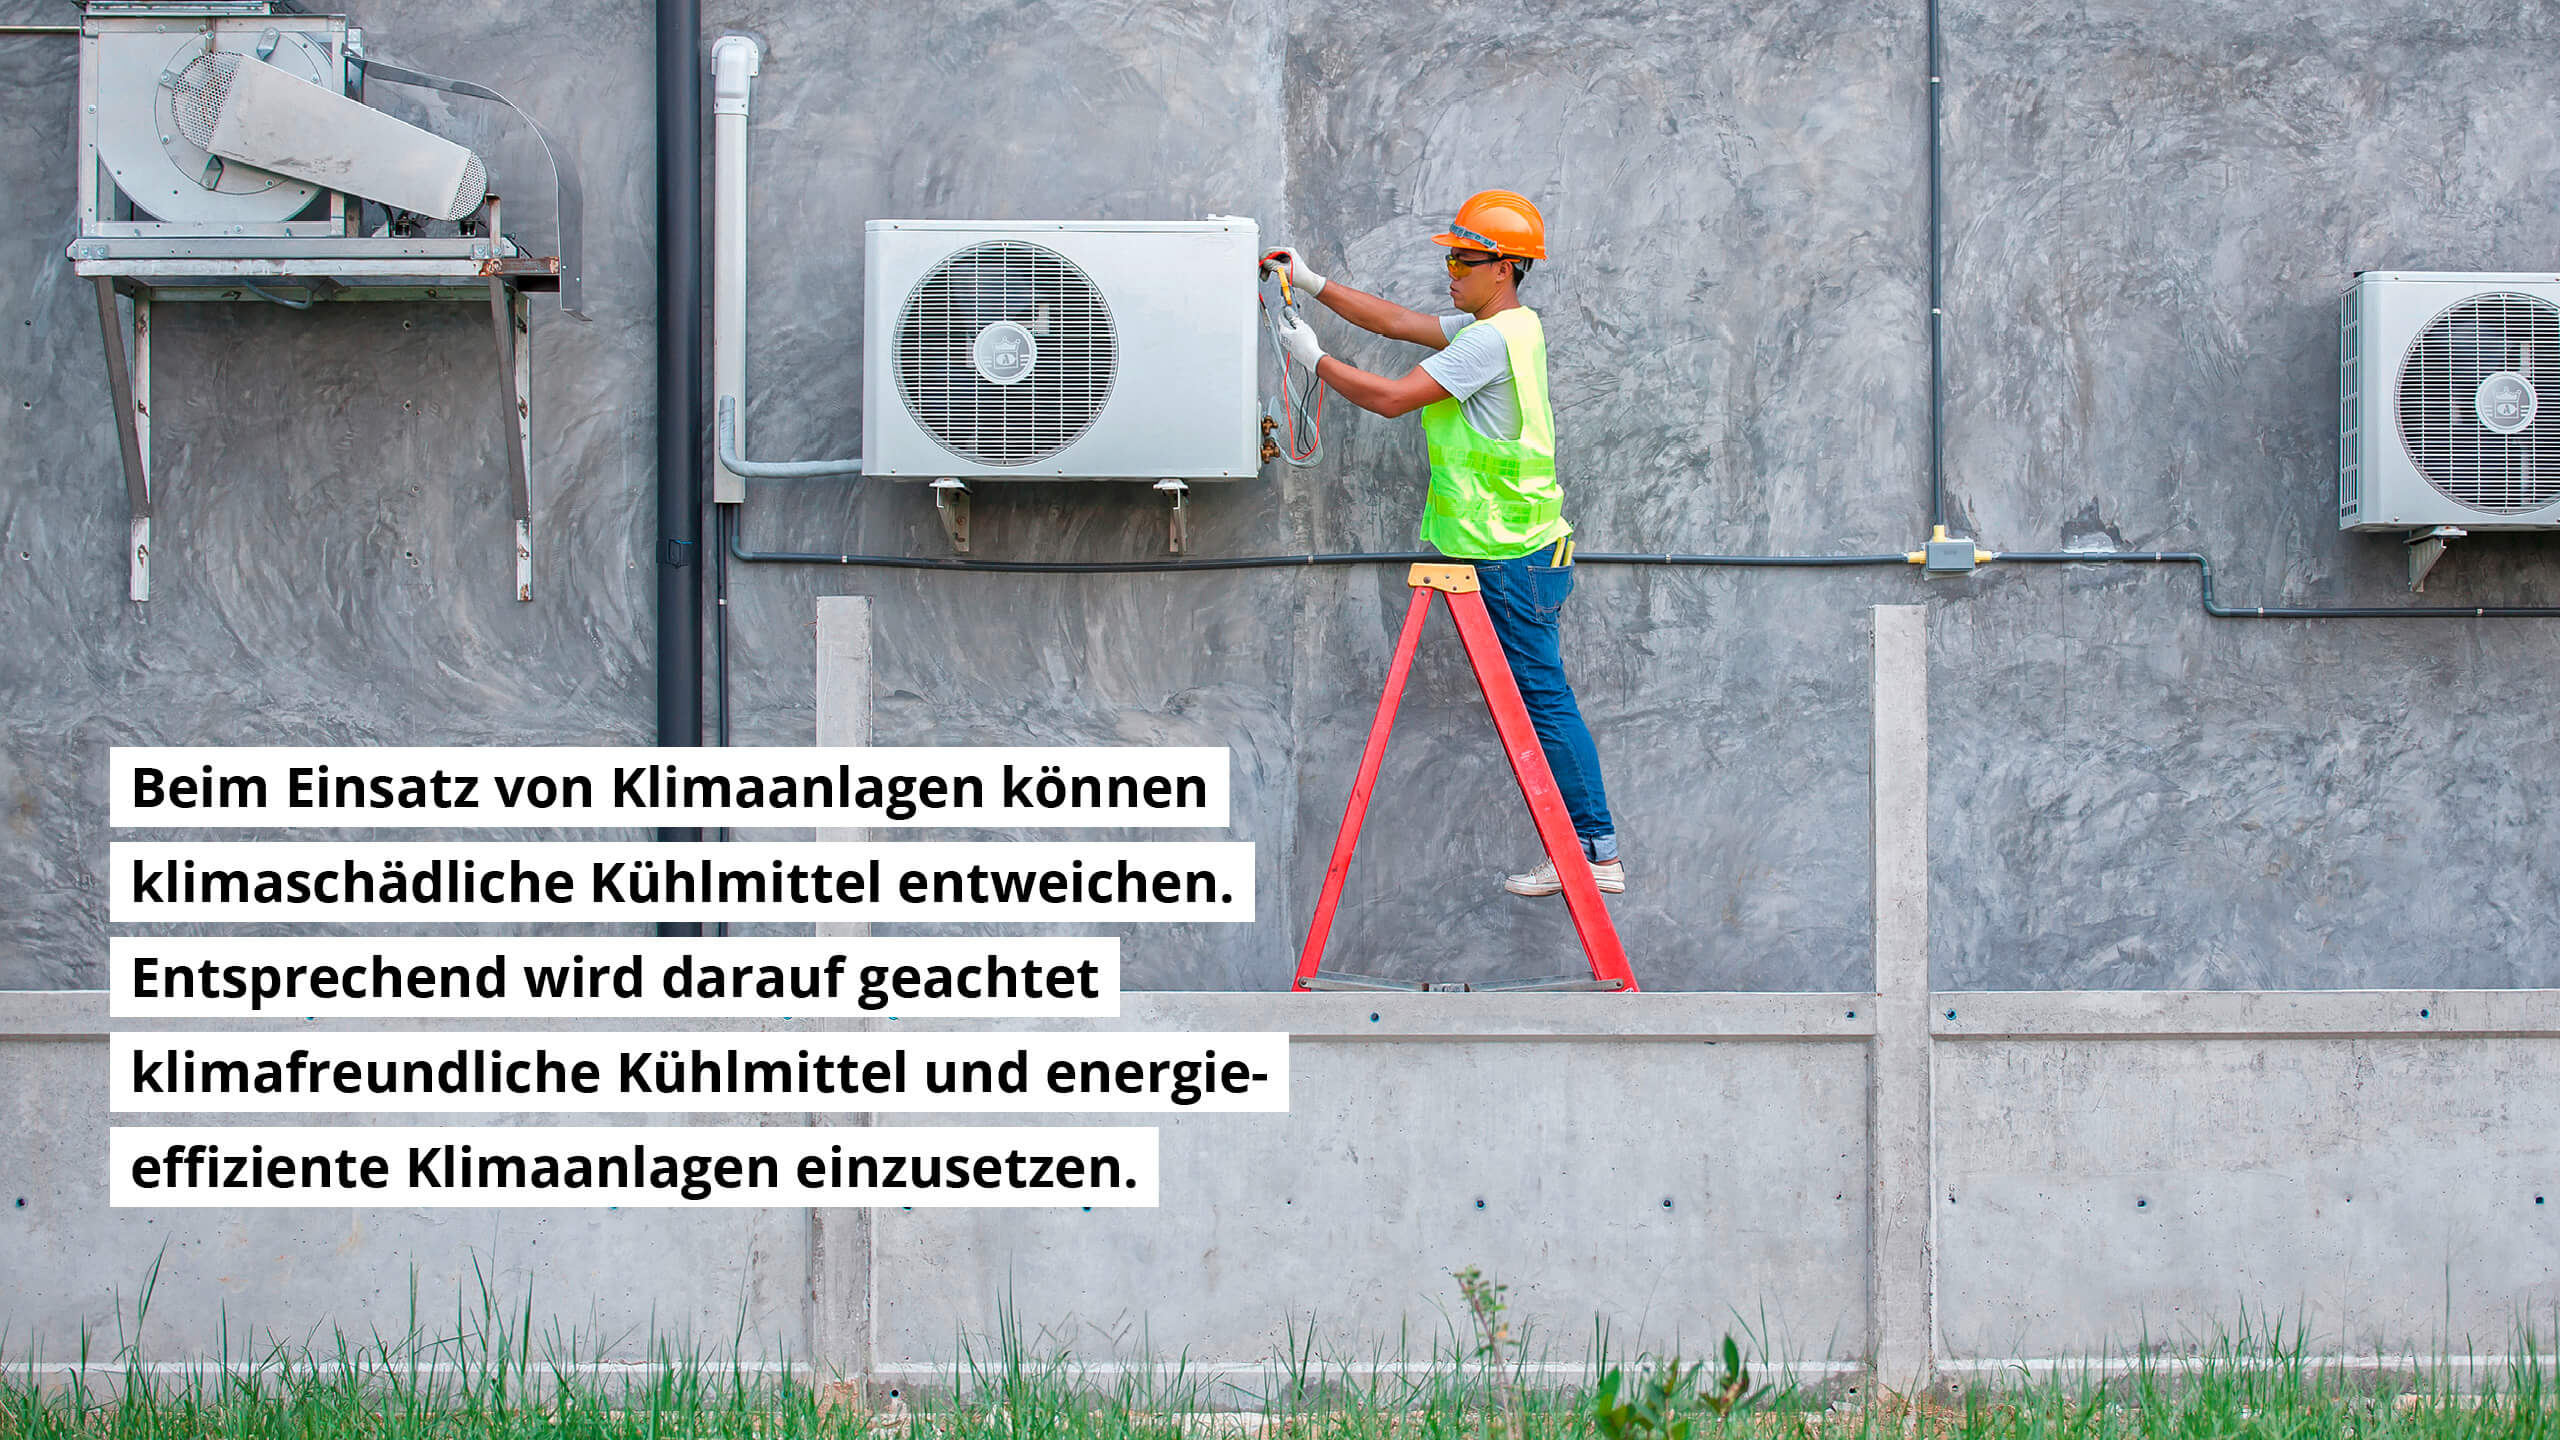 Beim Einsatz von Klimaanlagen können klimaschädliche Kühlmittel entweichen. Entsprechend wird darauf geachtet, klimafreundliche Kühlmittel und energieeffiziente Klimaanlagen einzusetzen.